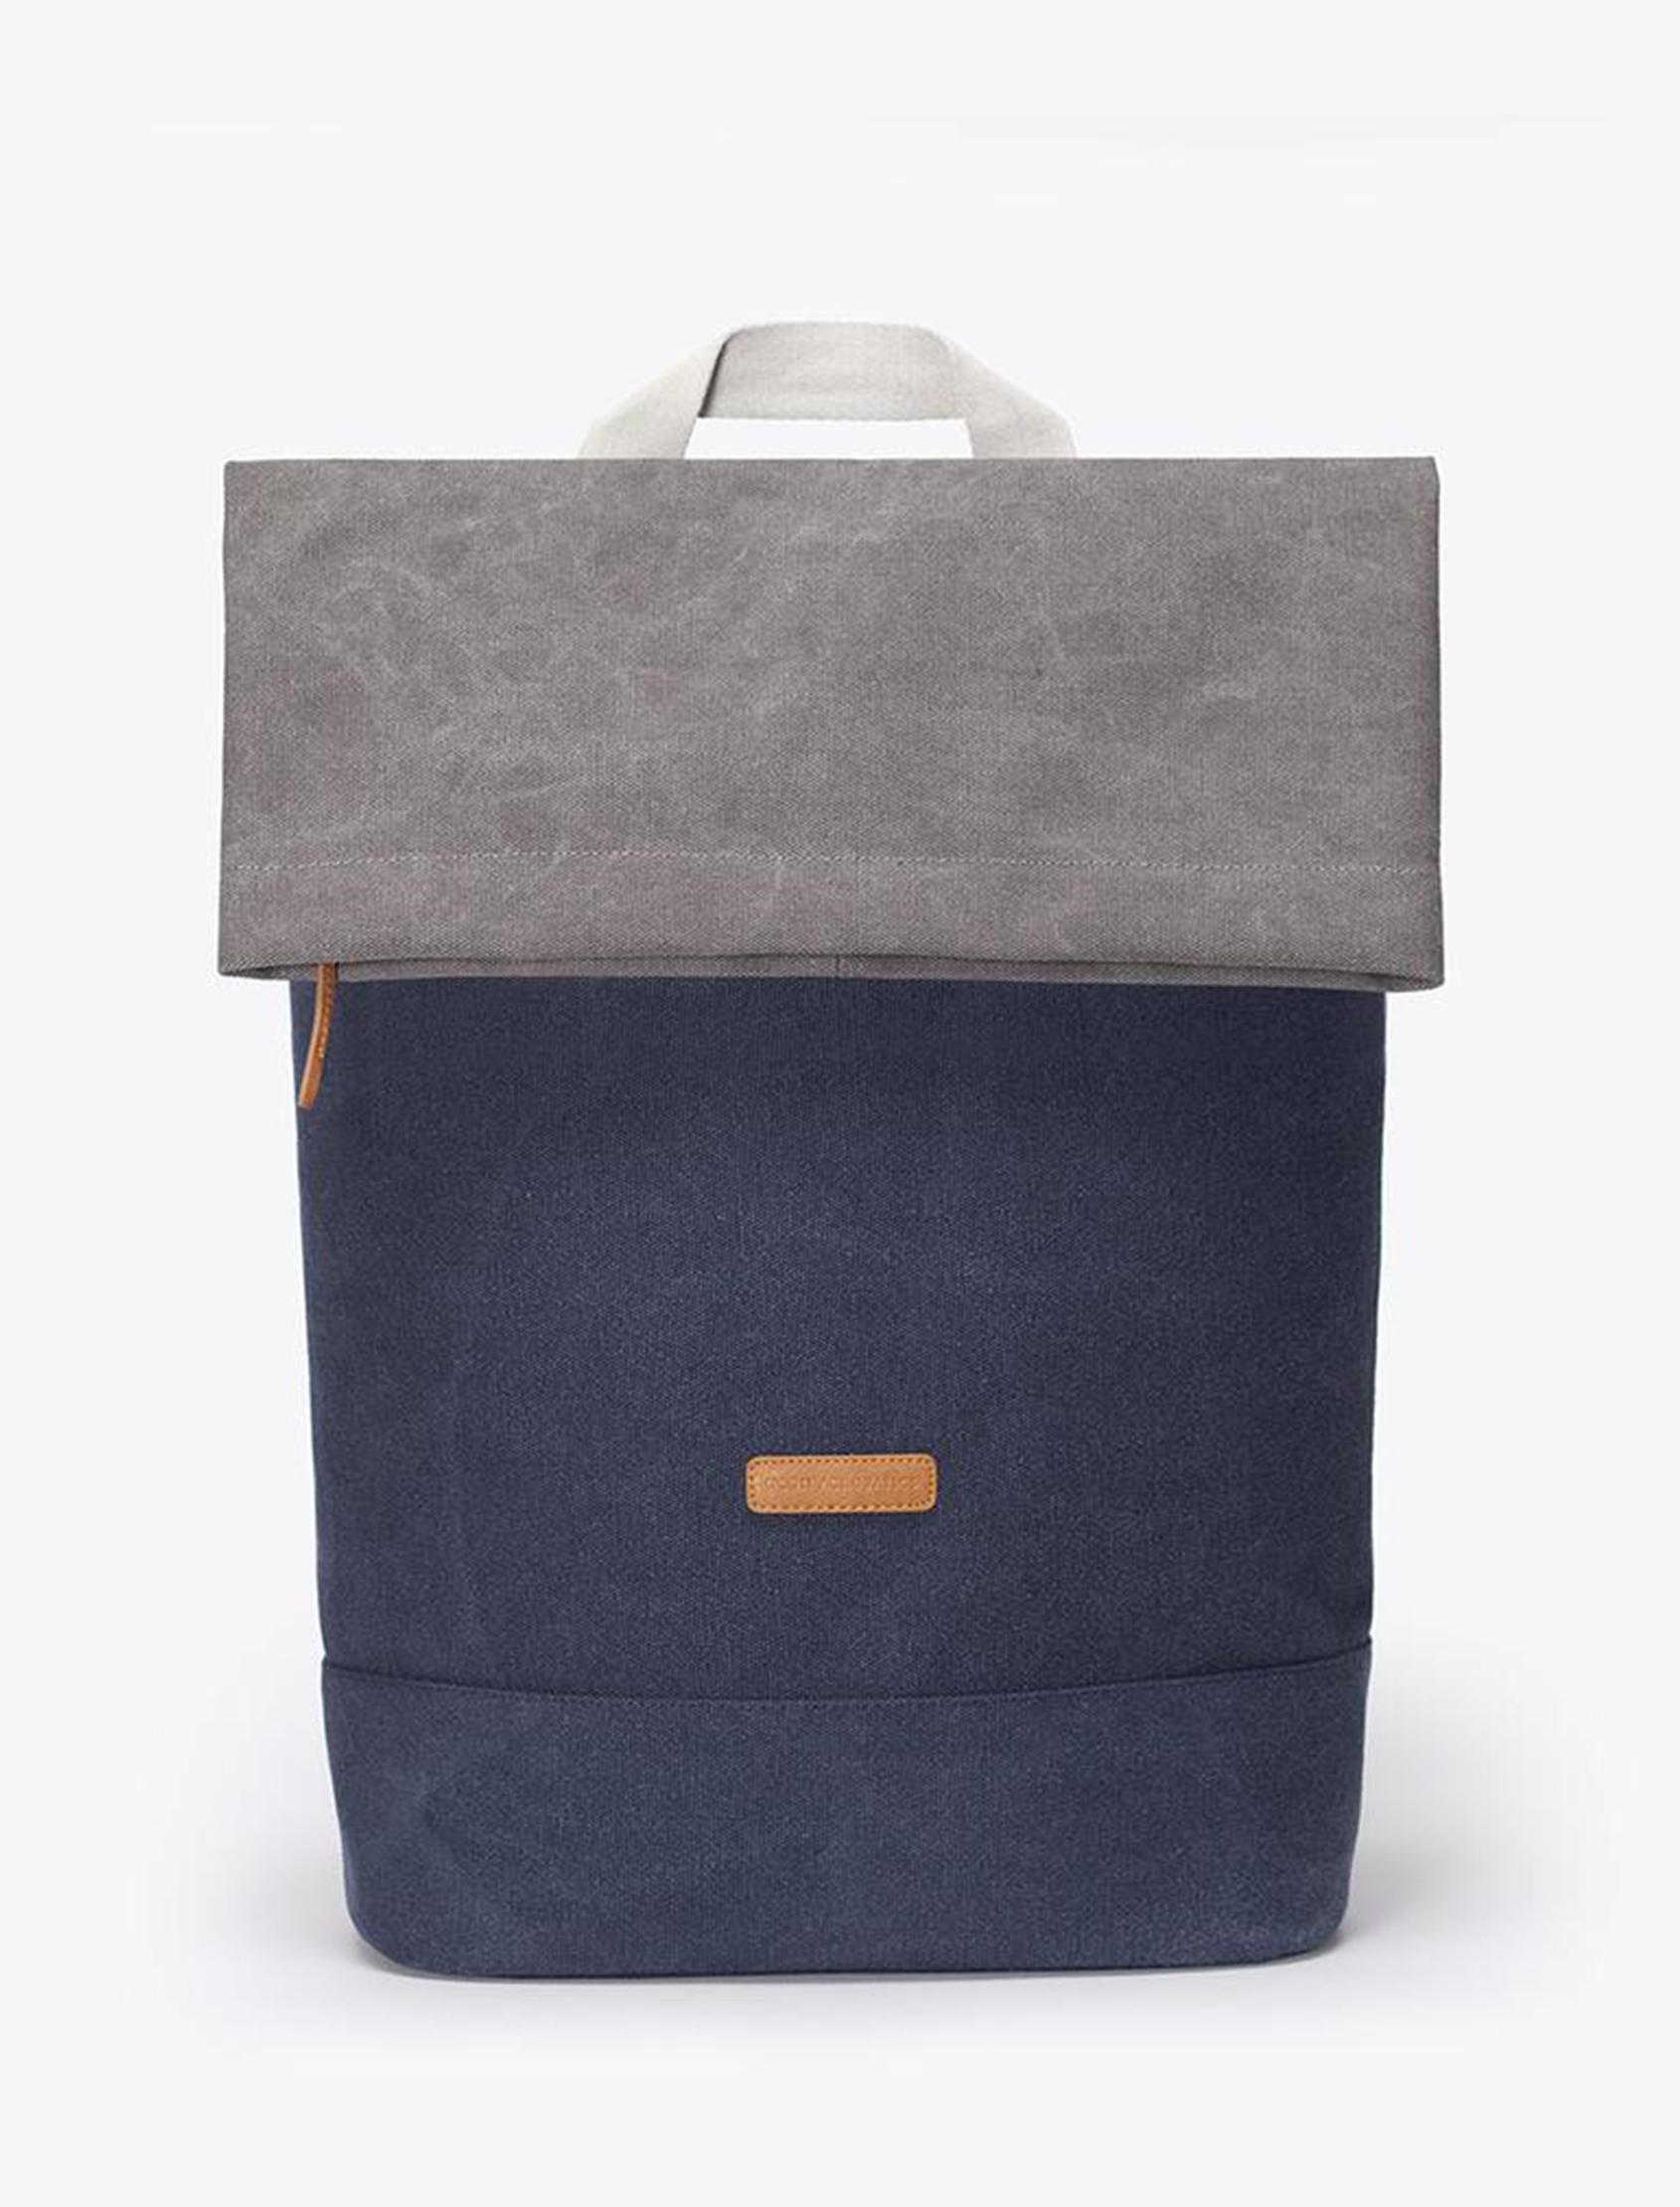 mochila karlo original en zono azul con detalle gris y blanco. Múltiples compartimentos